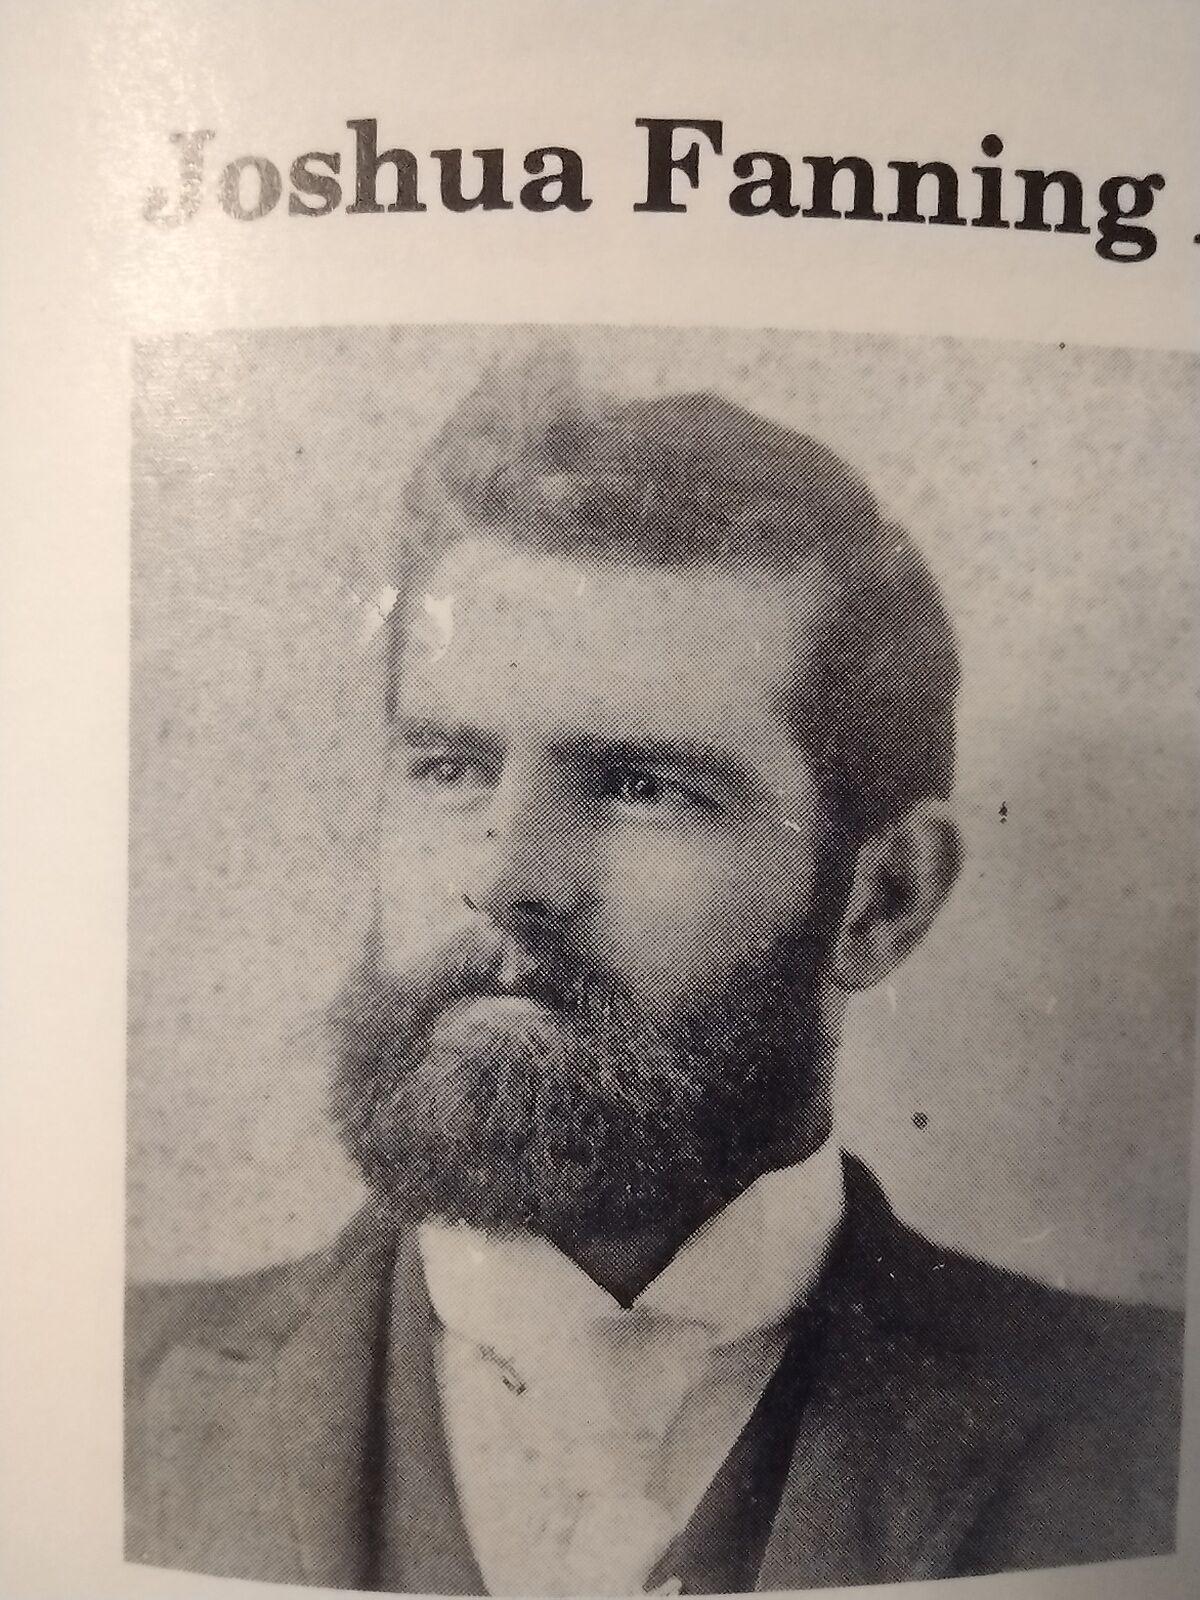 Joshua Fanning